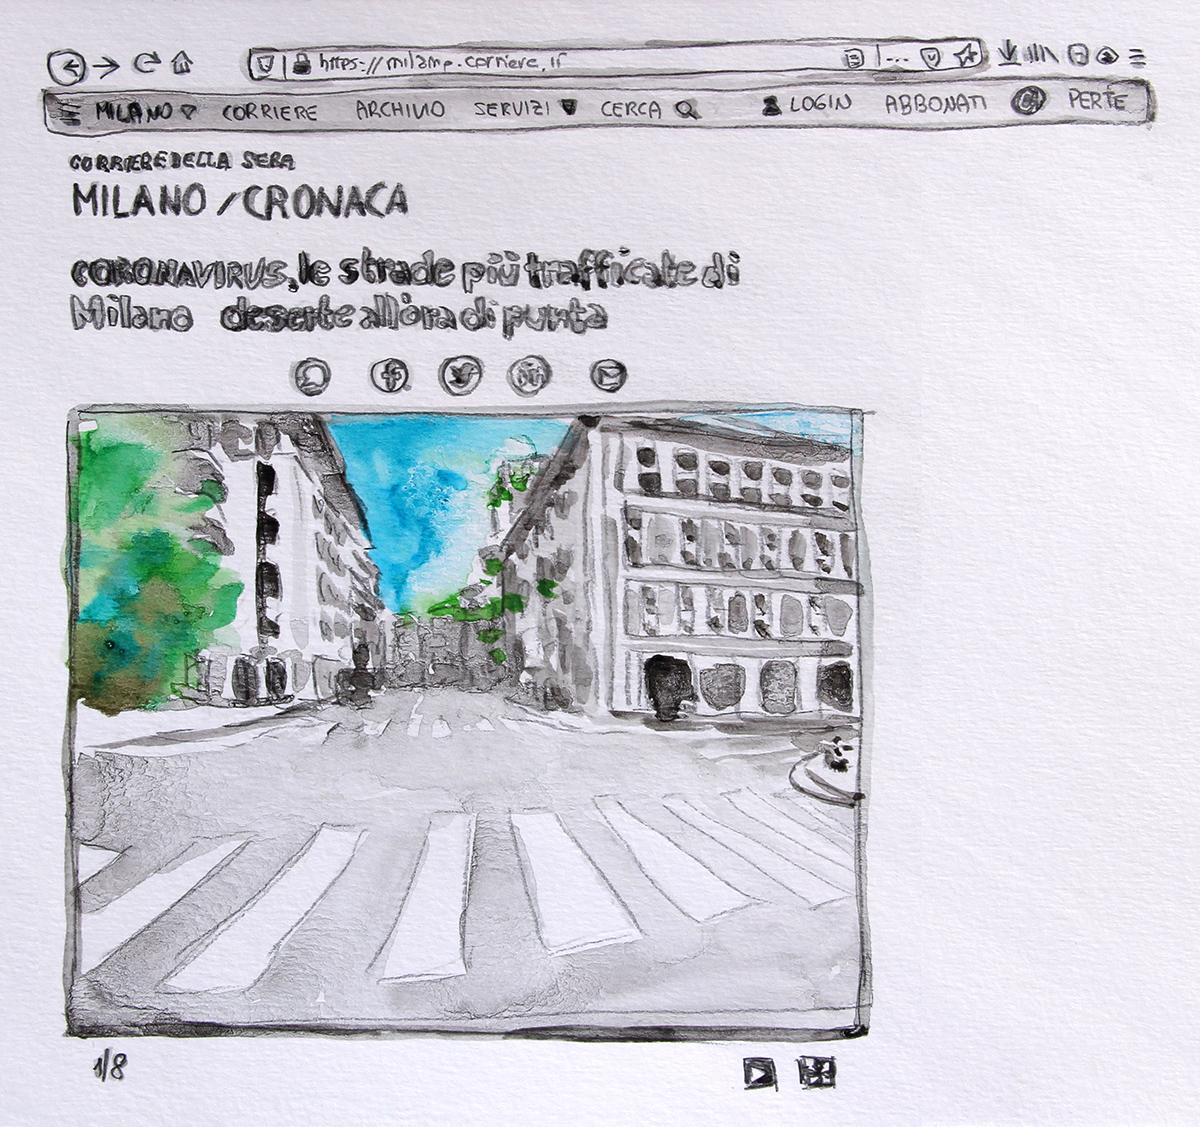 Isabella Pers_SIC TRANSIT GLORIA MUNDI Corriere Marzo 2020_grafite e acquarello su carta cotone_aprile 2020_IG